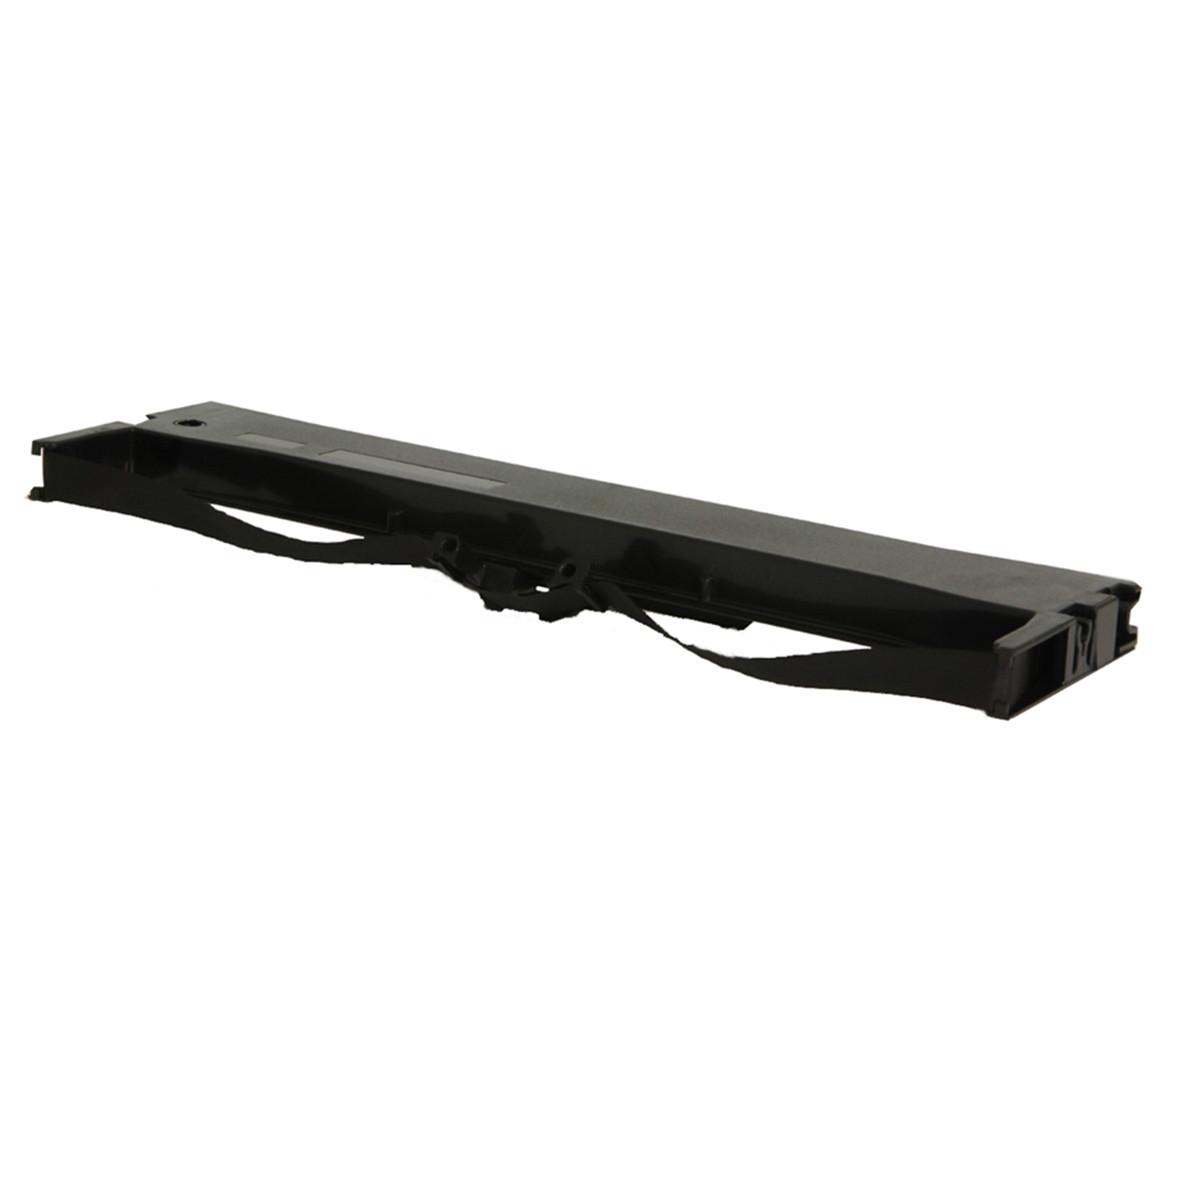 Fita Para Impressora Preta | 13mmx12m | Epson FX590 FX890 | Caixa com 1 Unidade | Nylon | Compatível